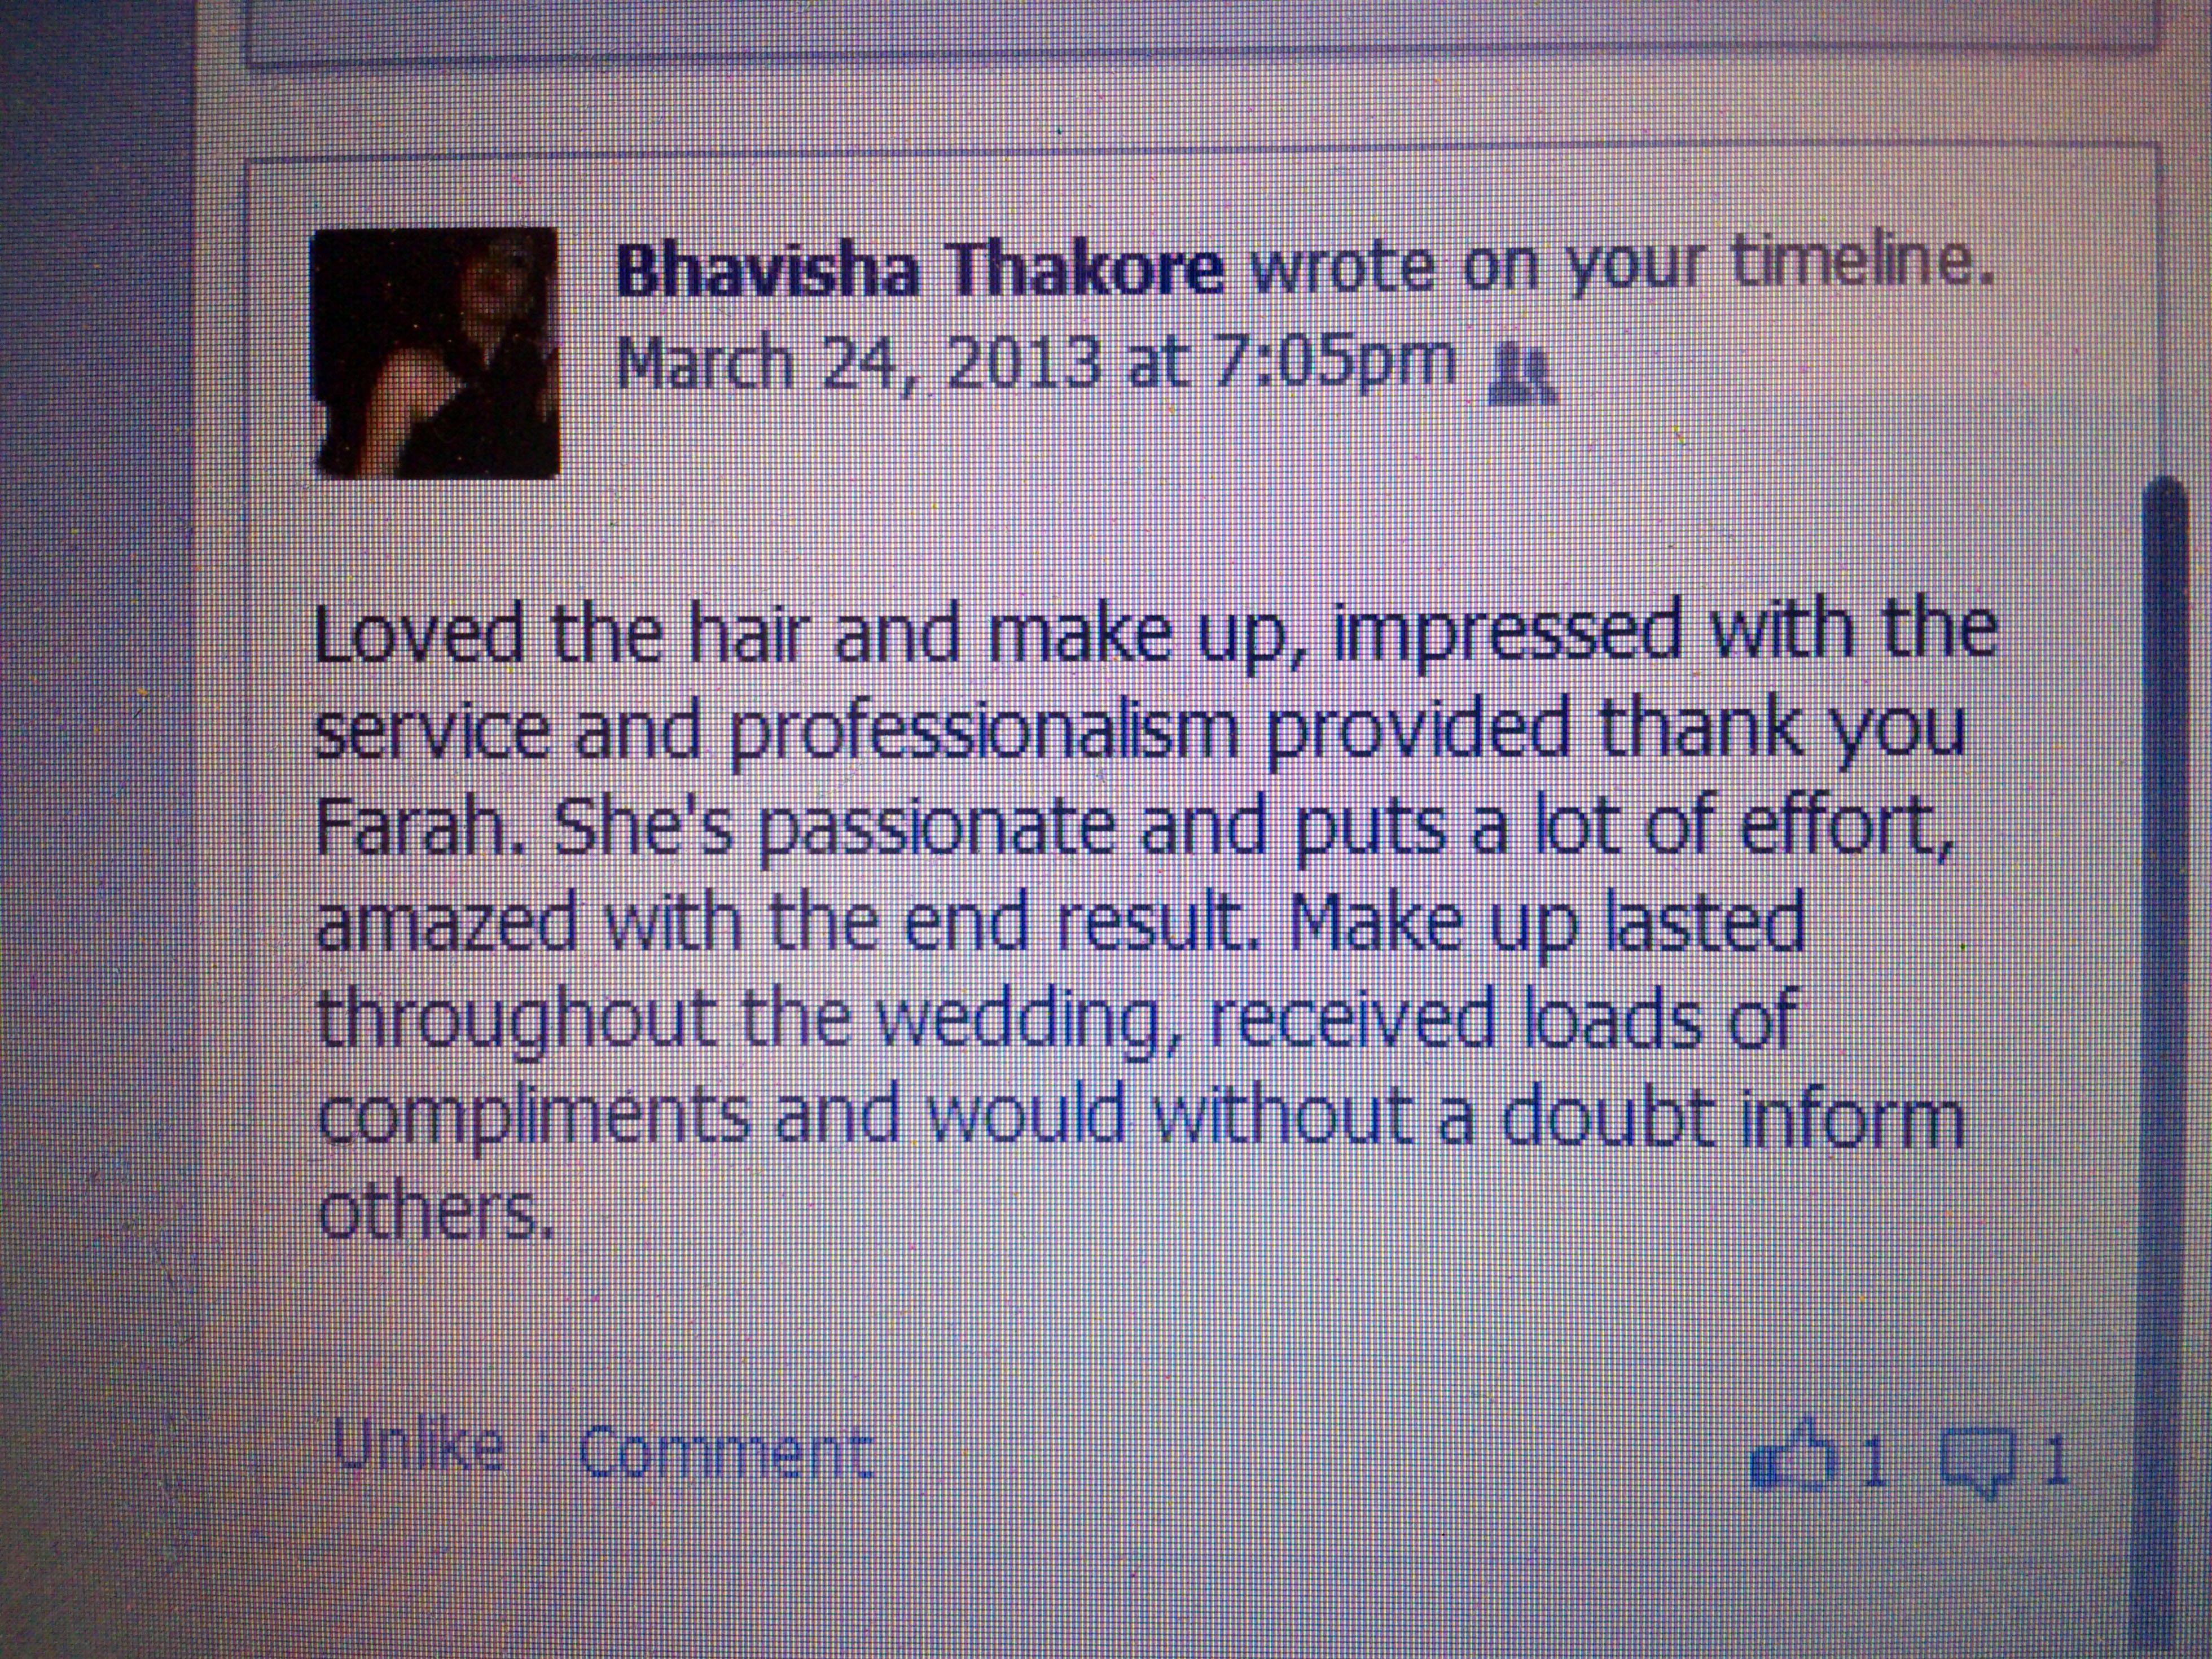 bhavisha